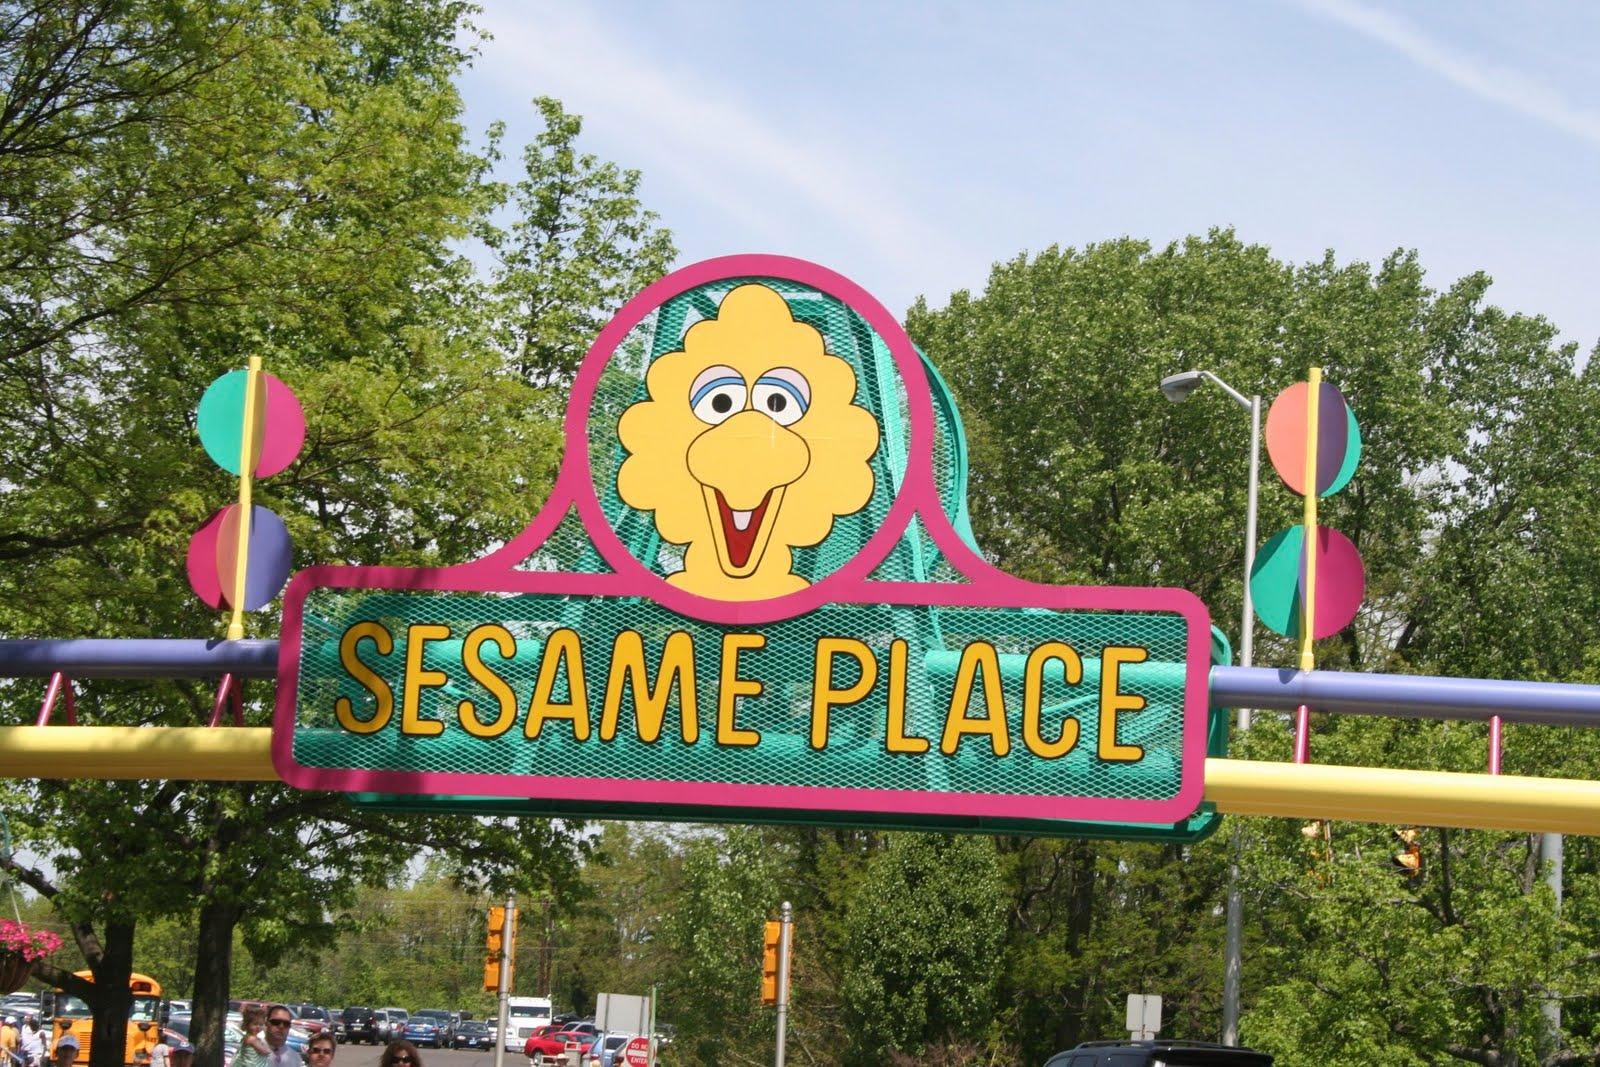 Peyton S Pier Sesame Place